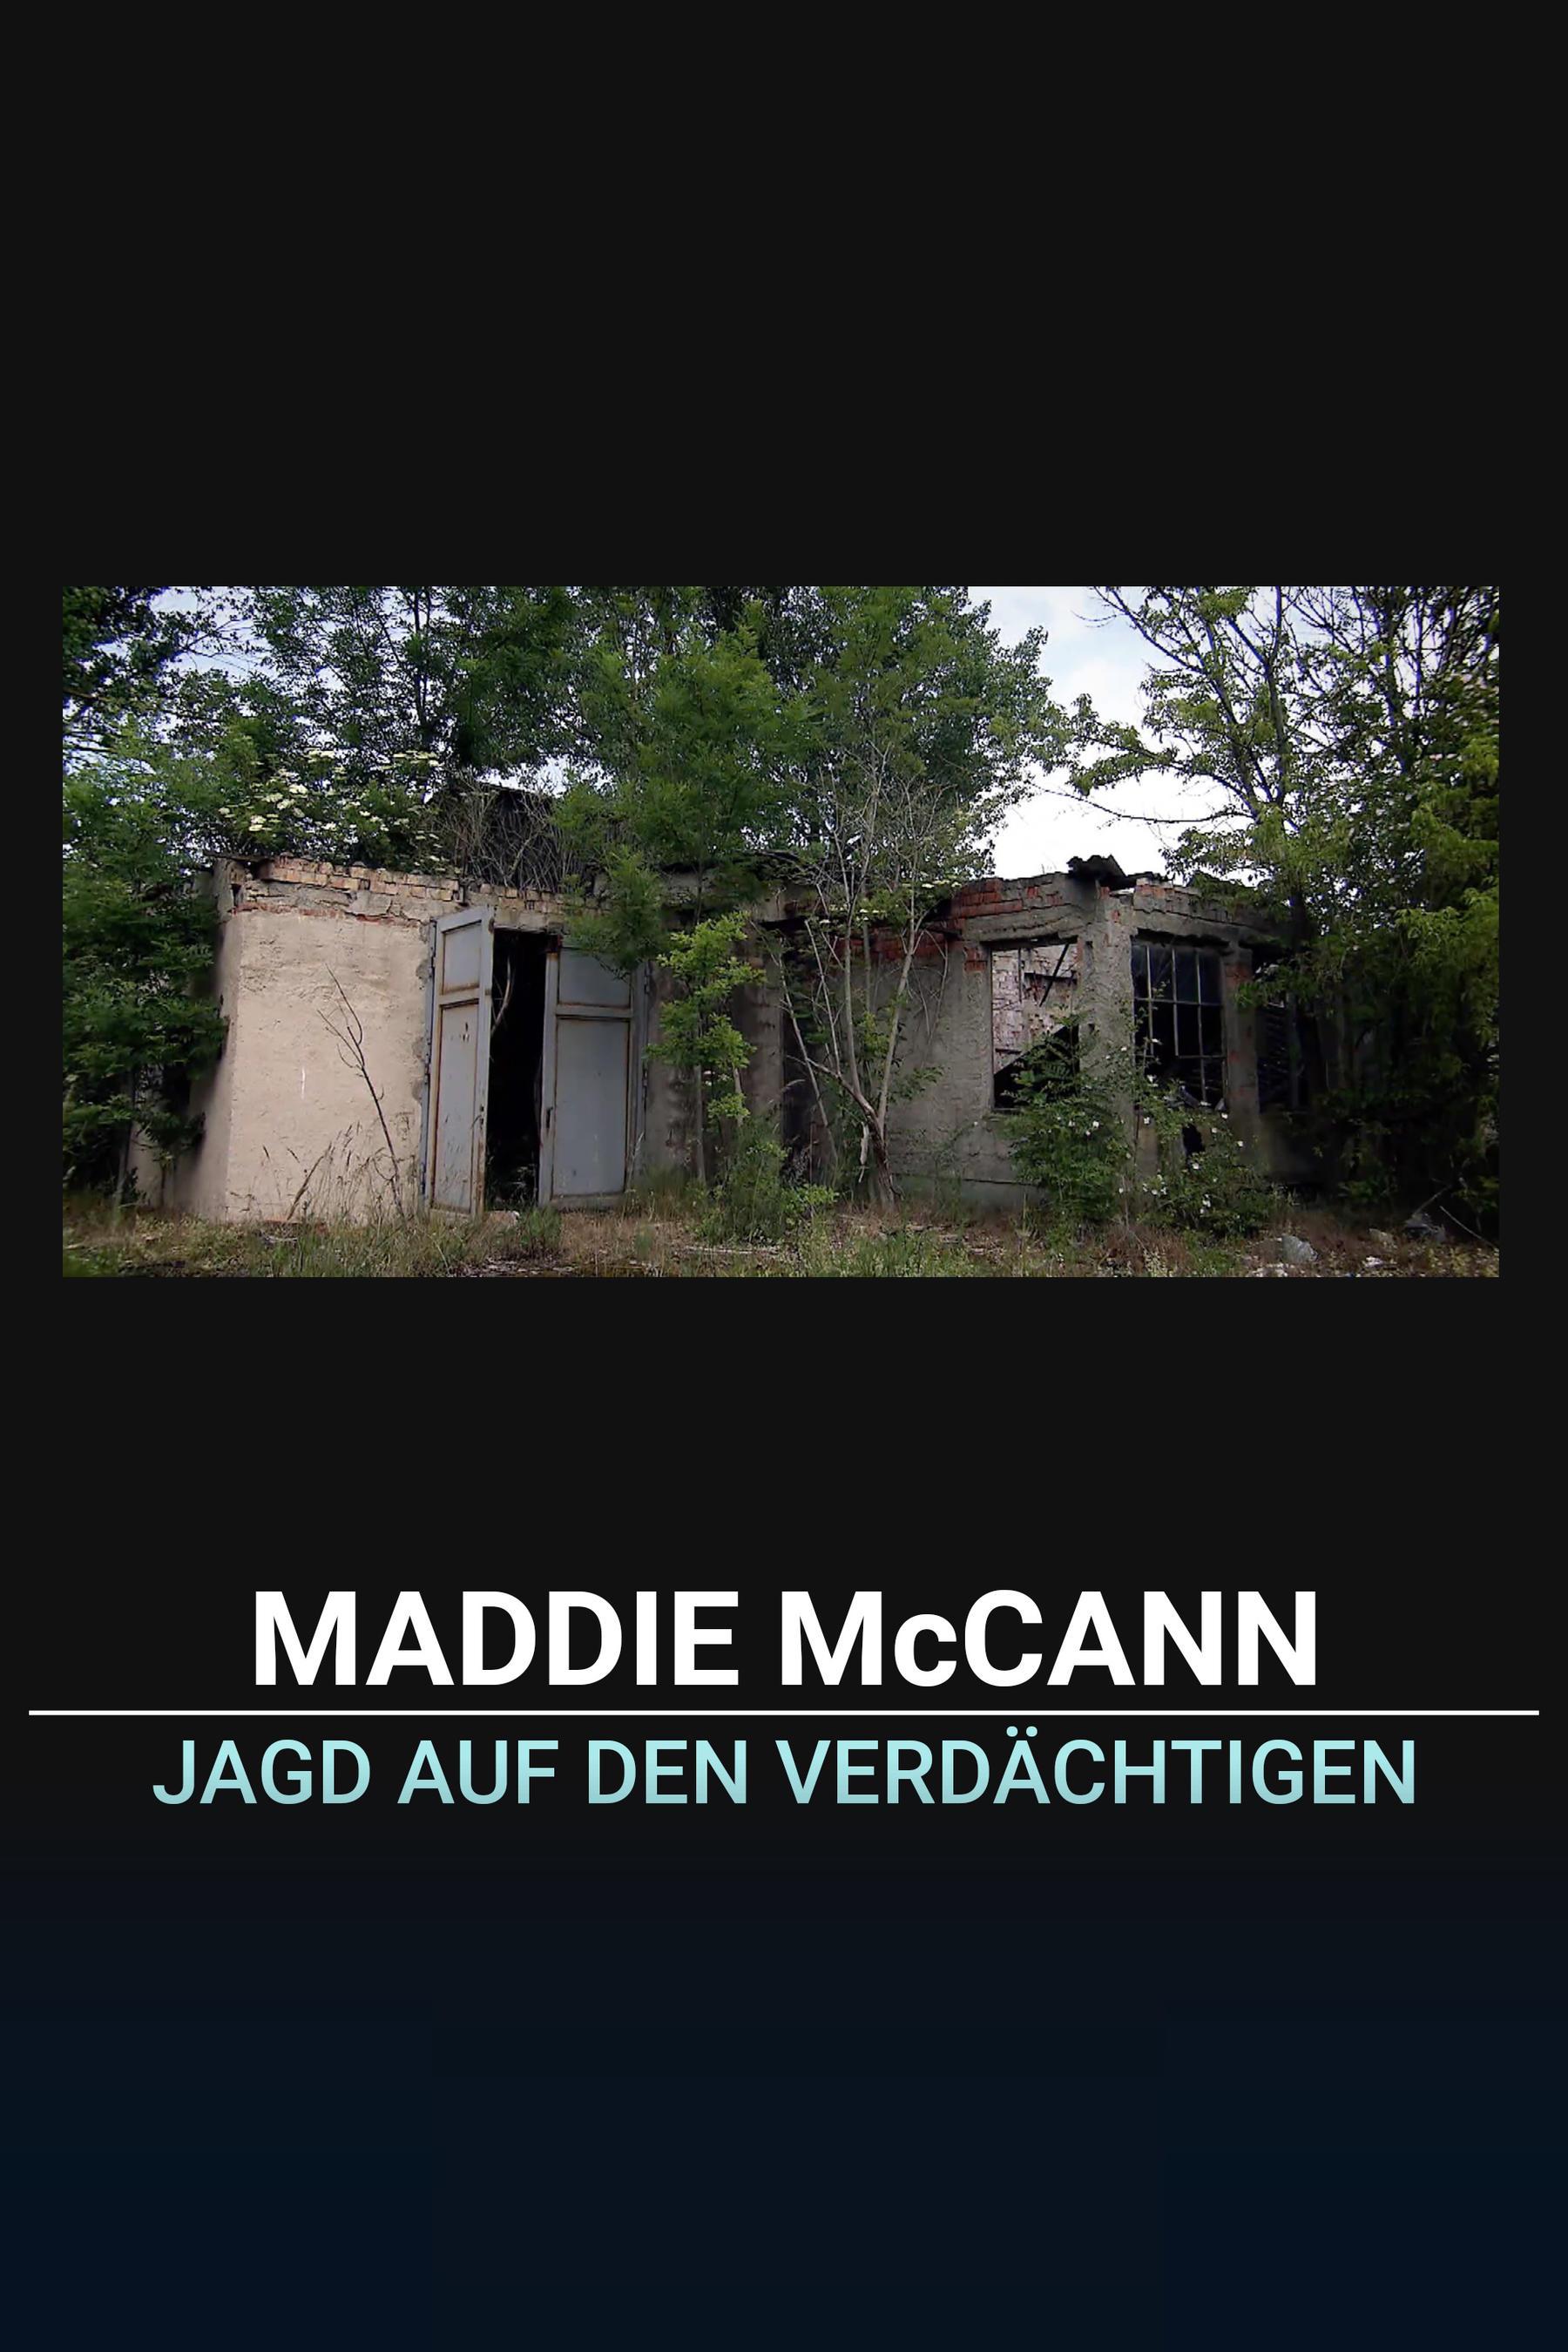 Maddie McCann: Die Jagd auf den Verdächtigen